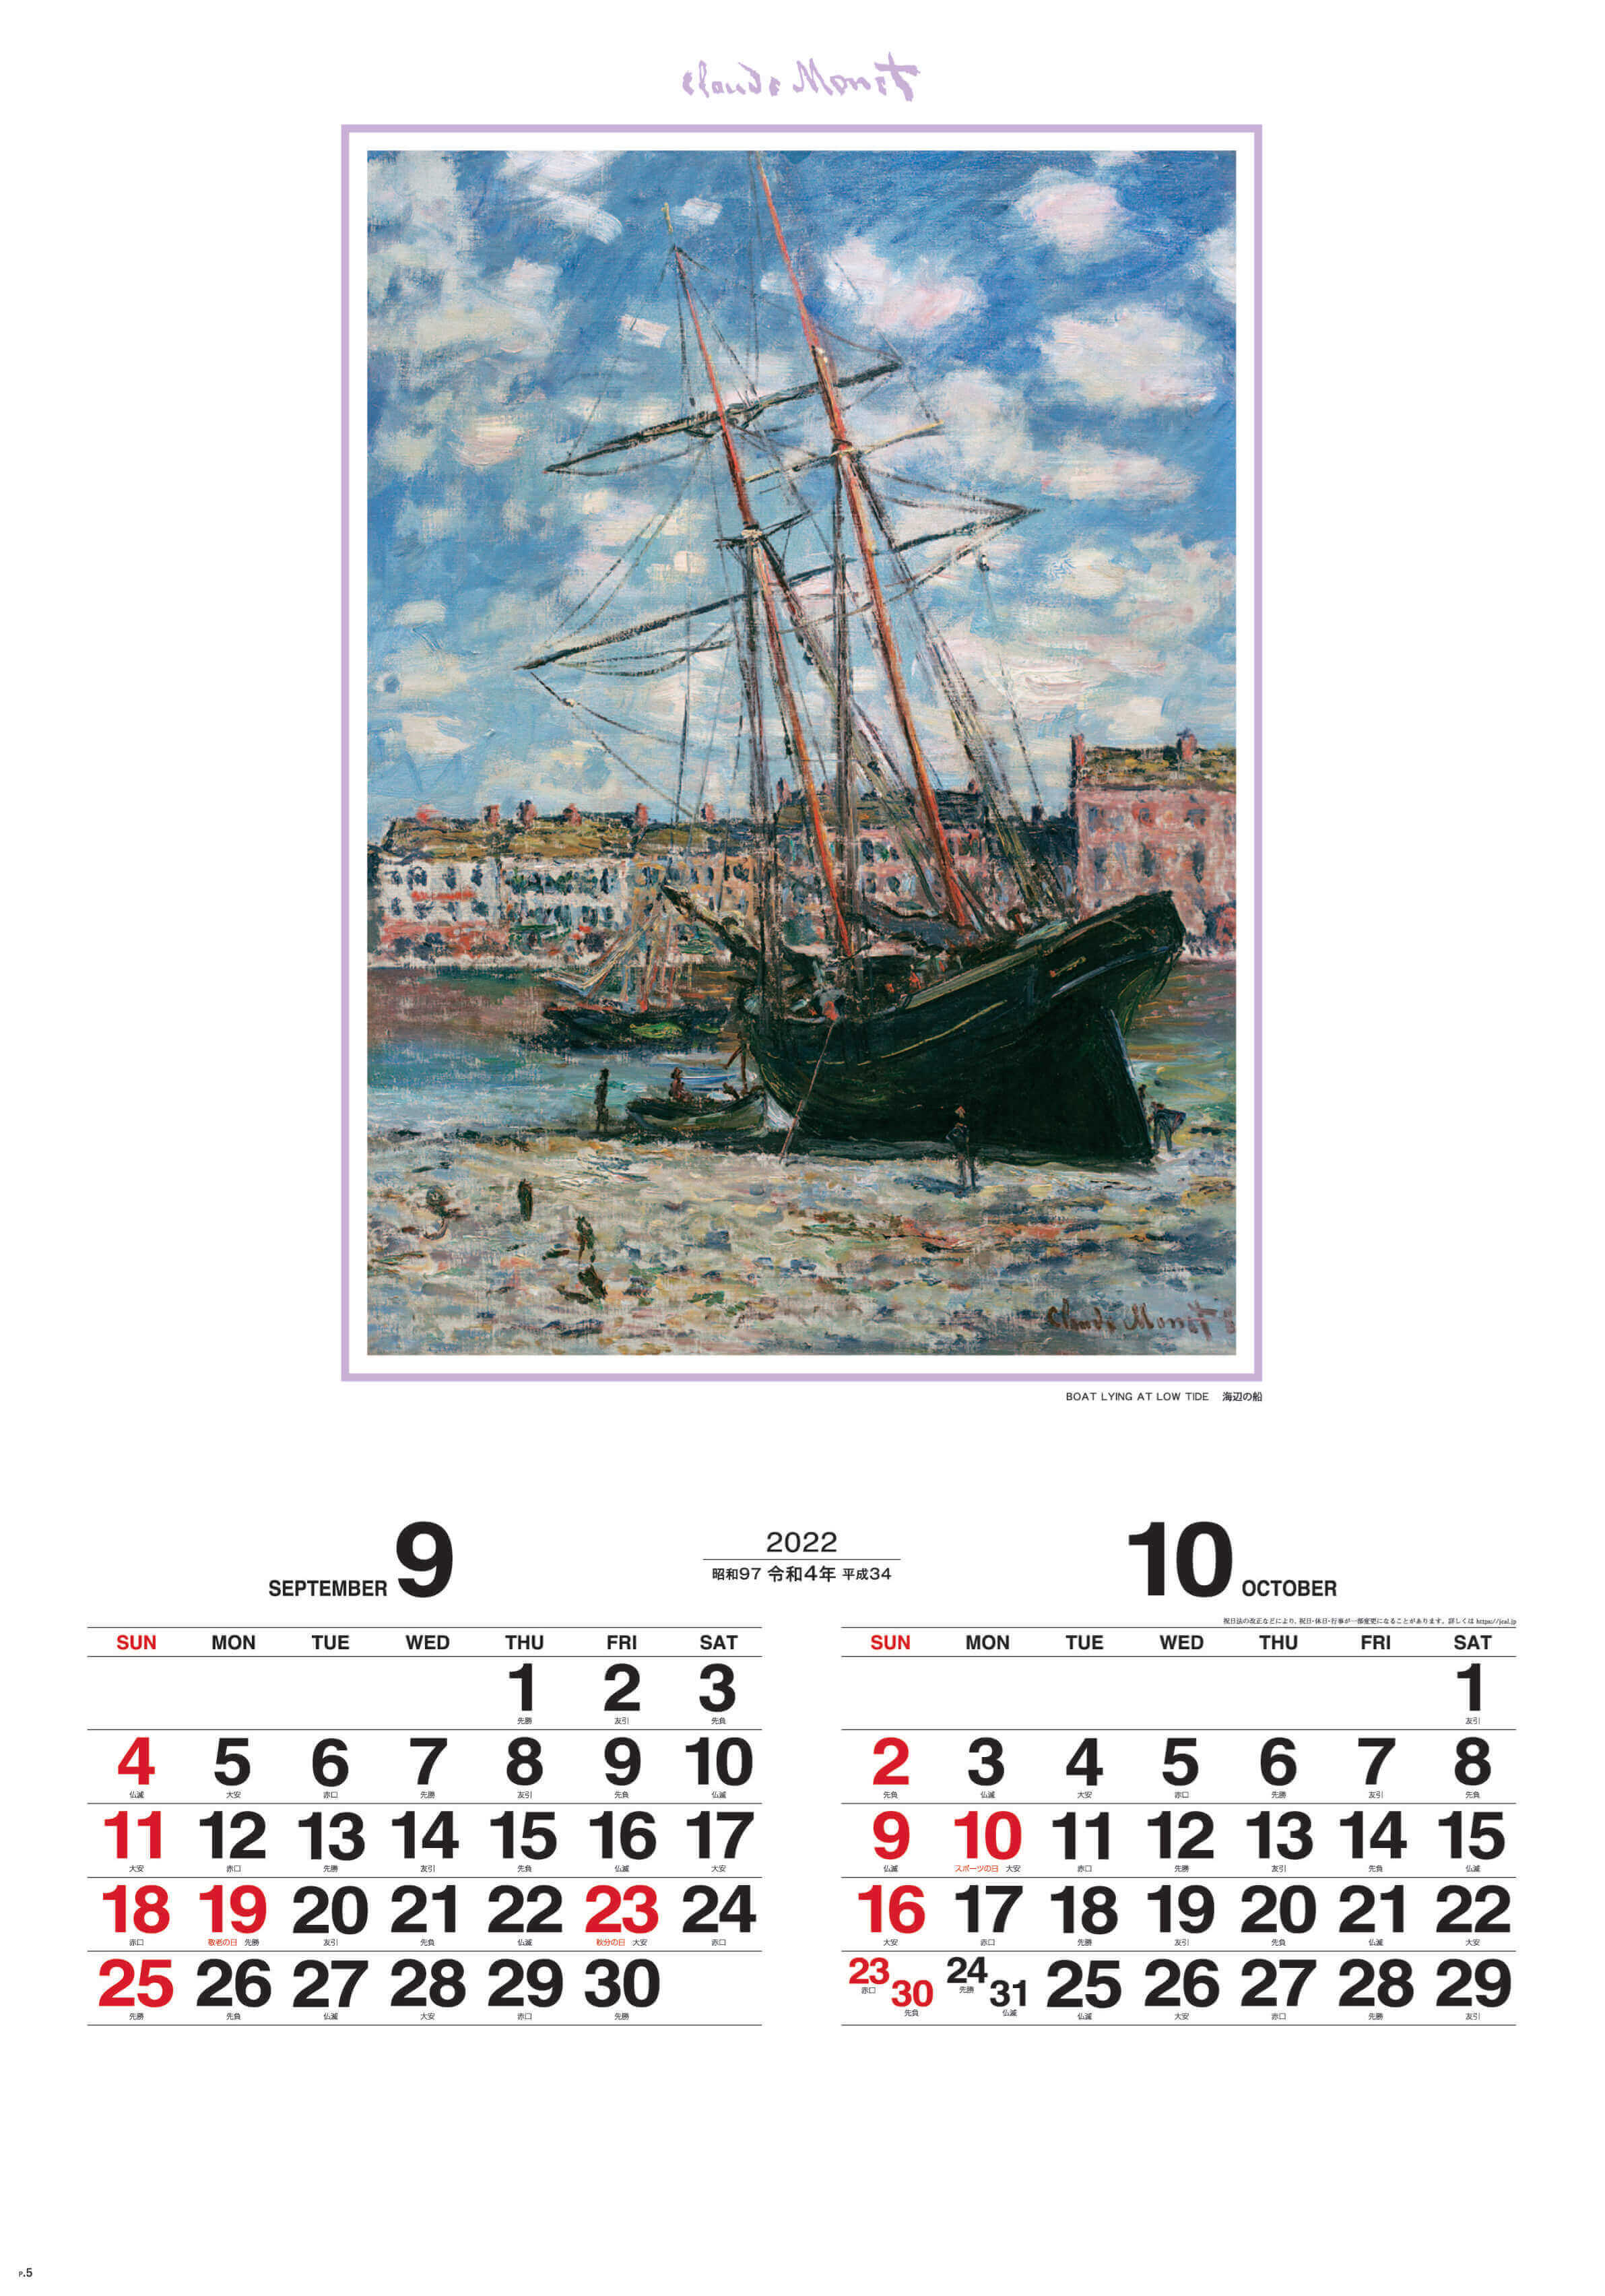 9-10月 海辺の船 モネ絵画集(フィルムカレンダー) 2022年カレンダーの画像